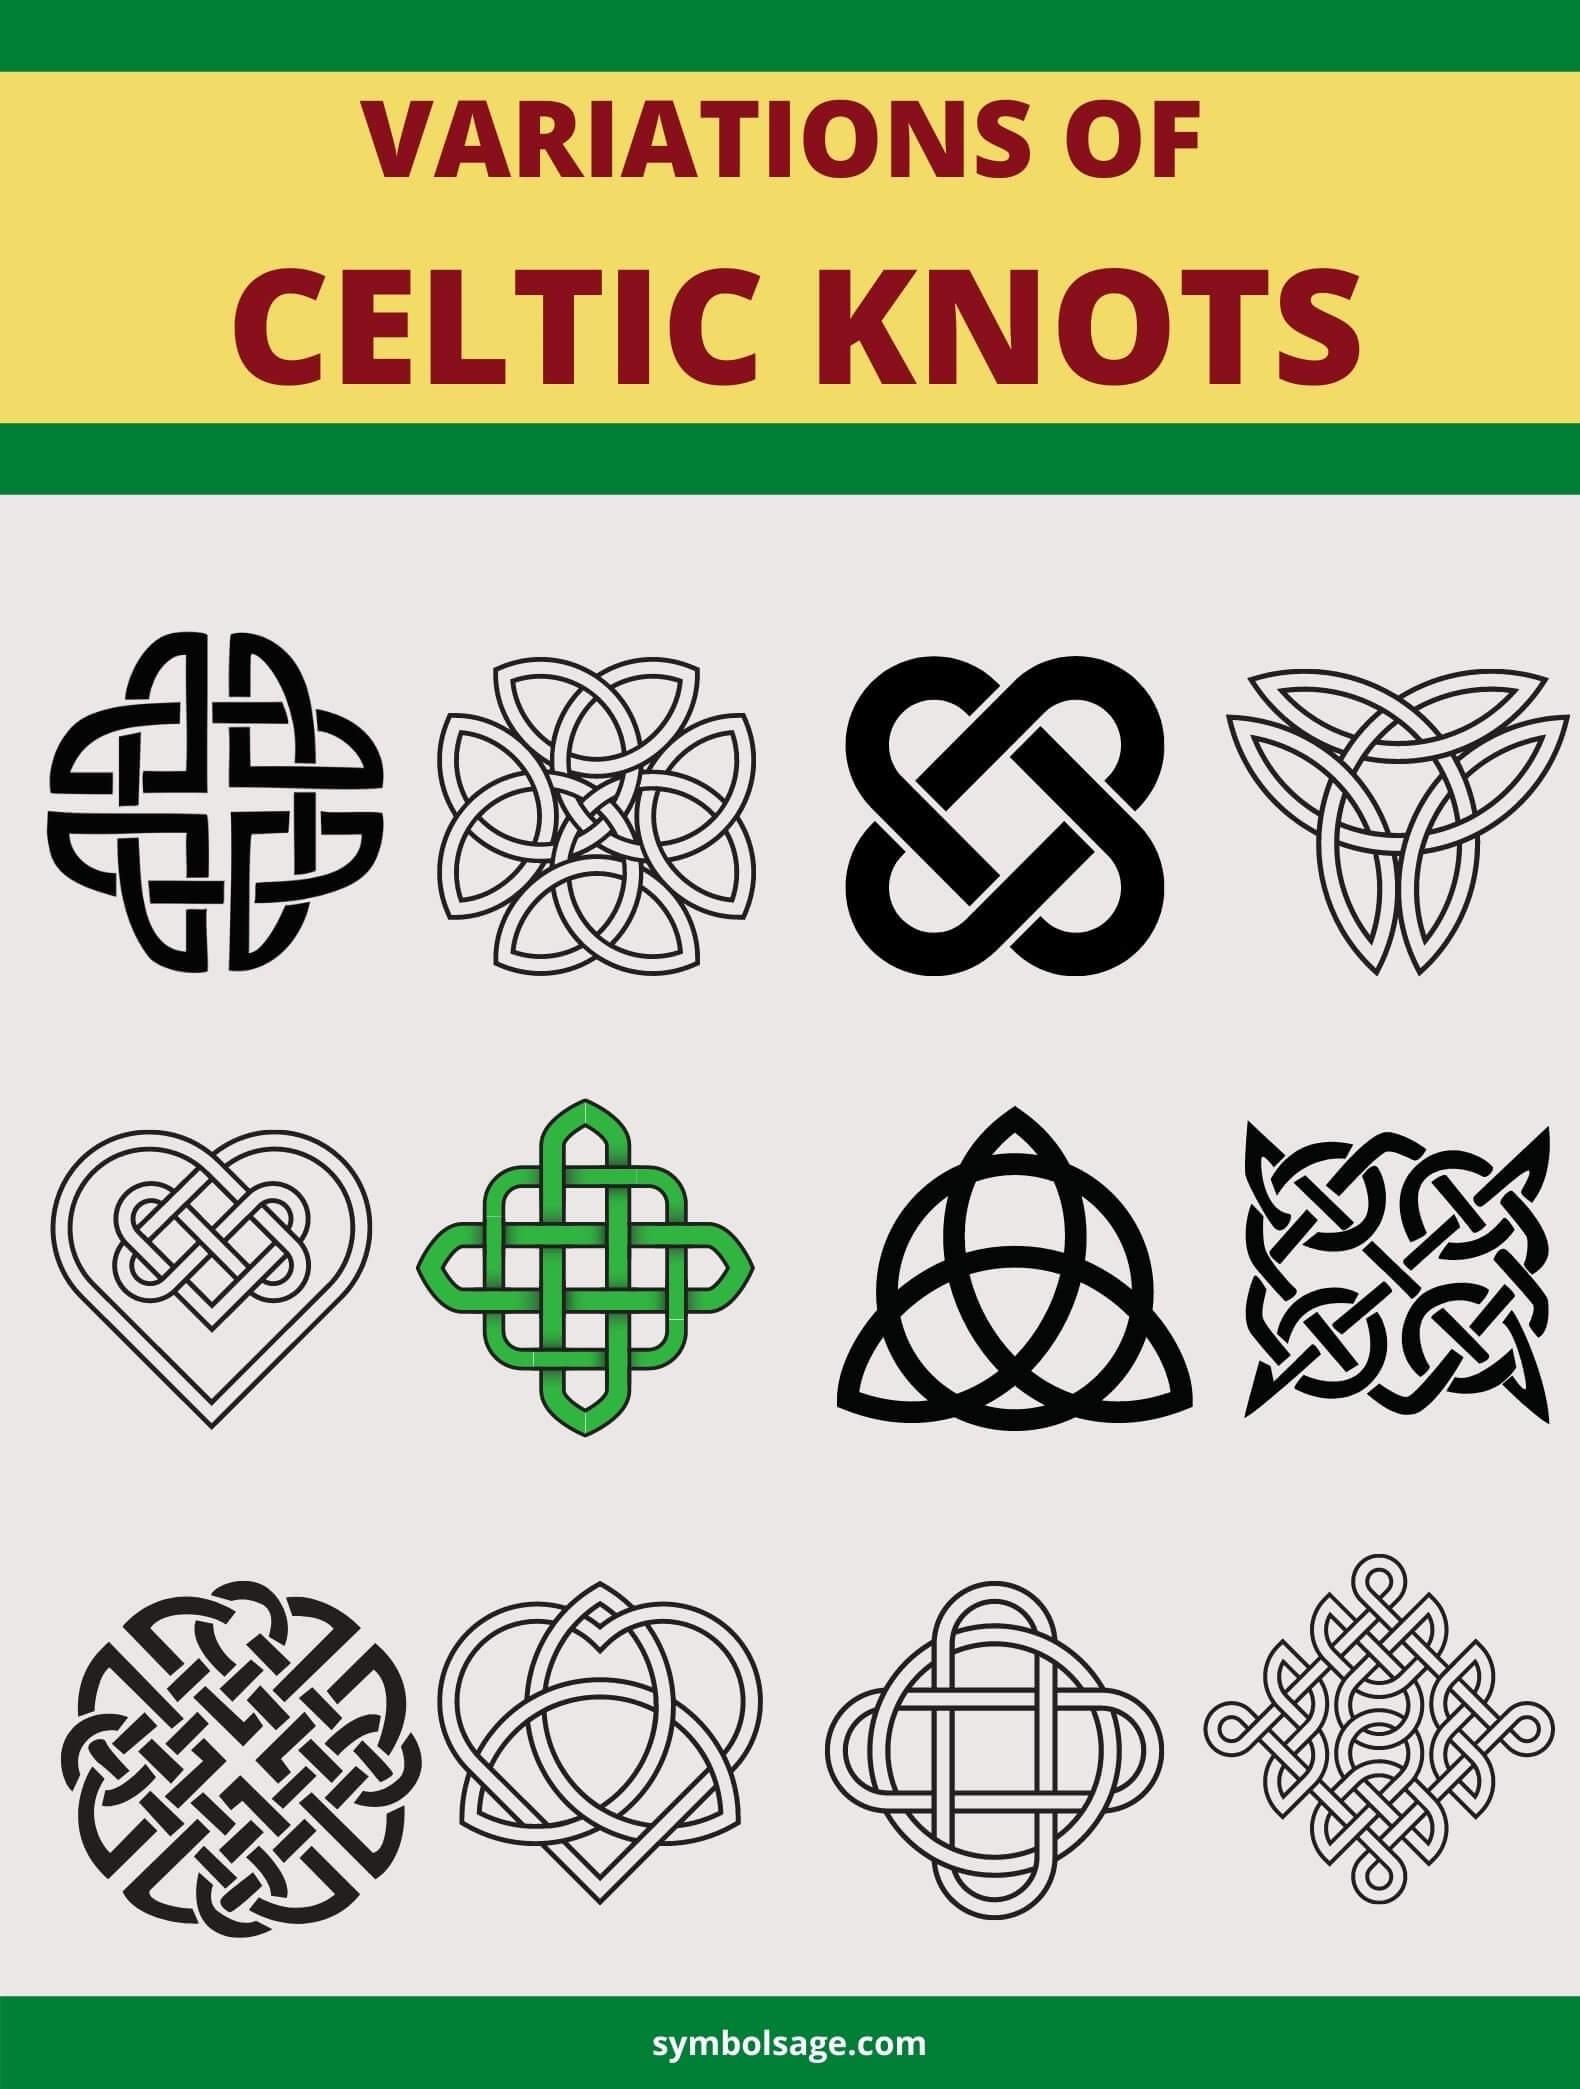 Variations of Celtic knots